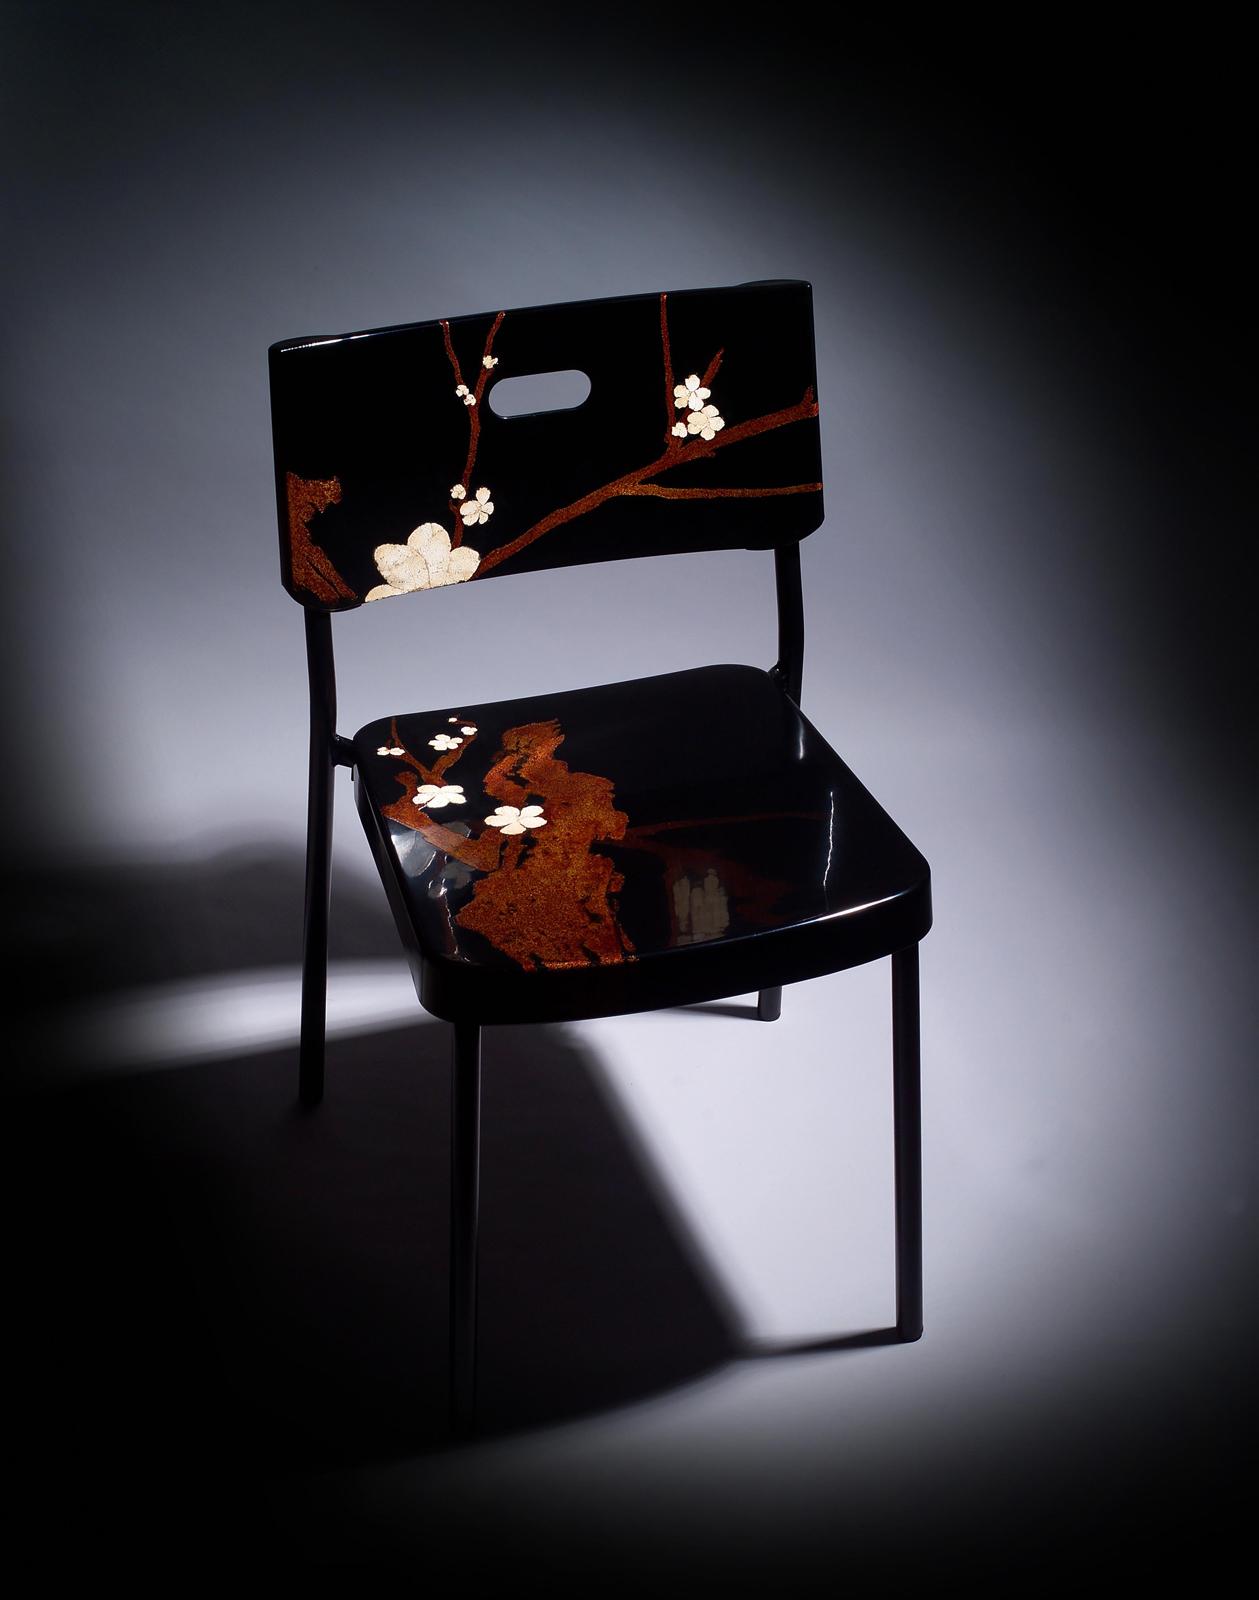 Ikea plus Herman. Plastic, metal, lacquerware. Designer: Pili Wu, Craft Maker: Li-shu Huang.